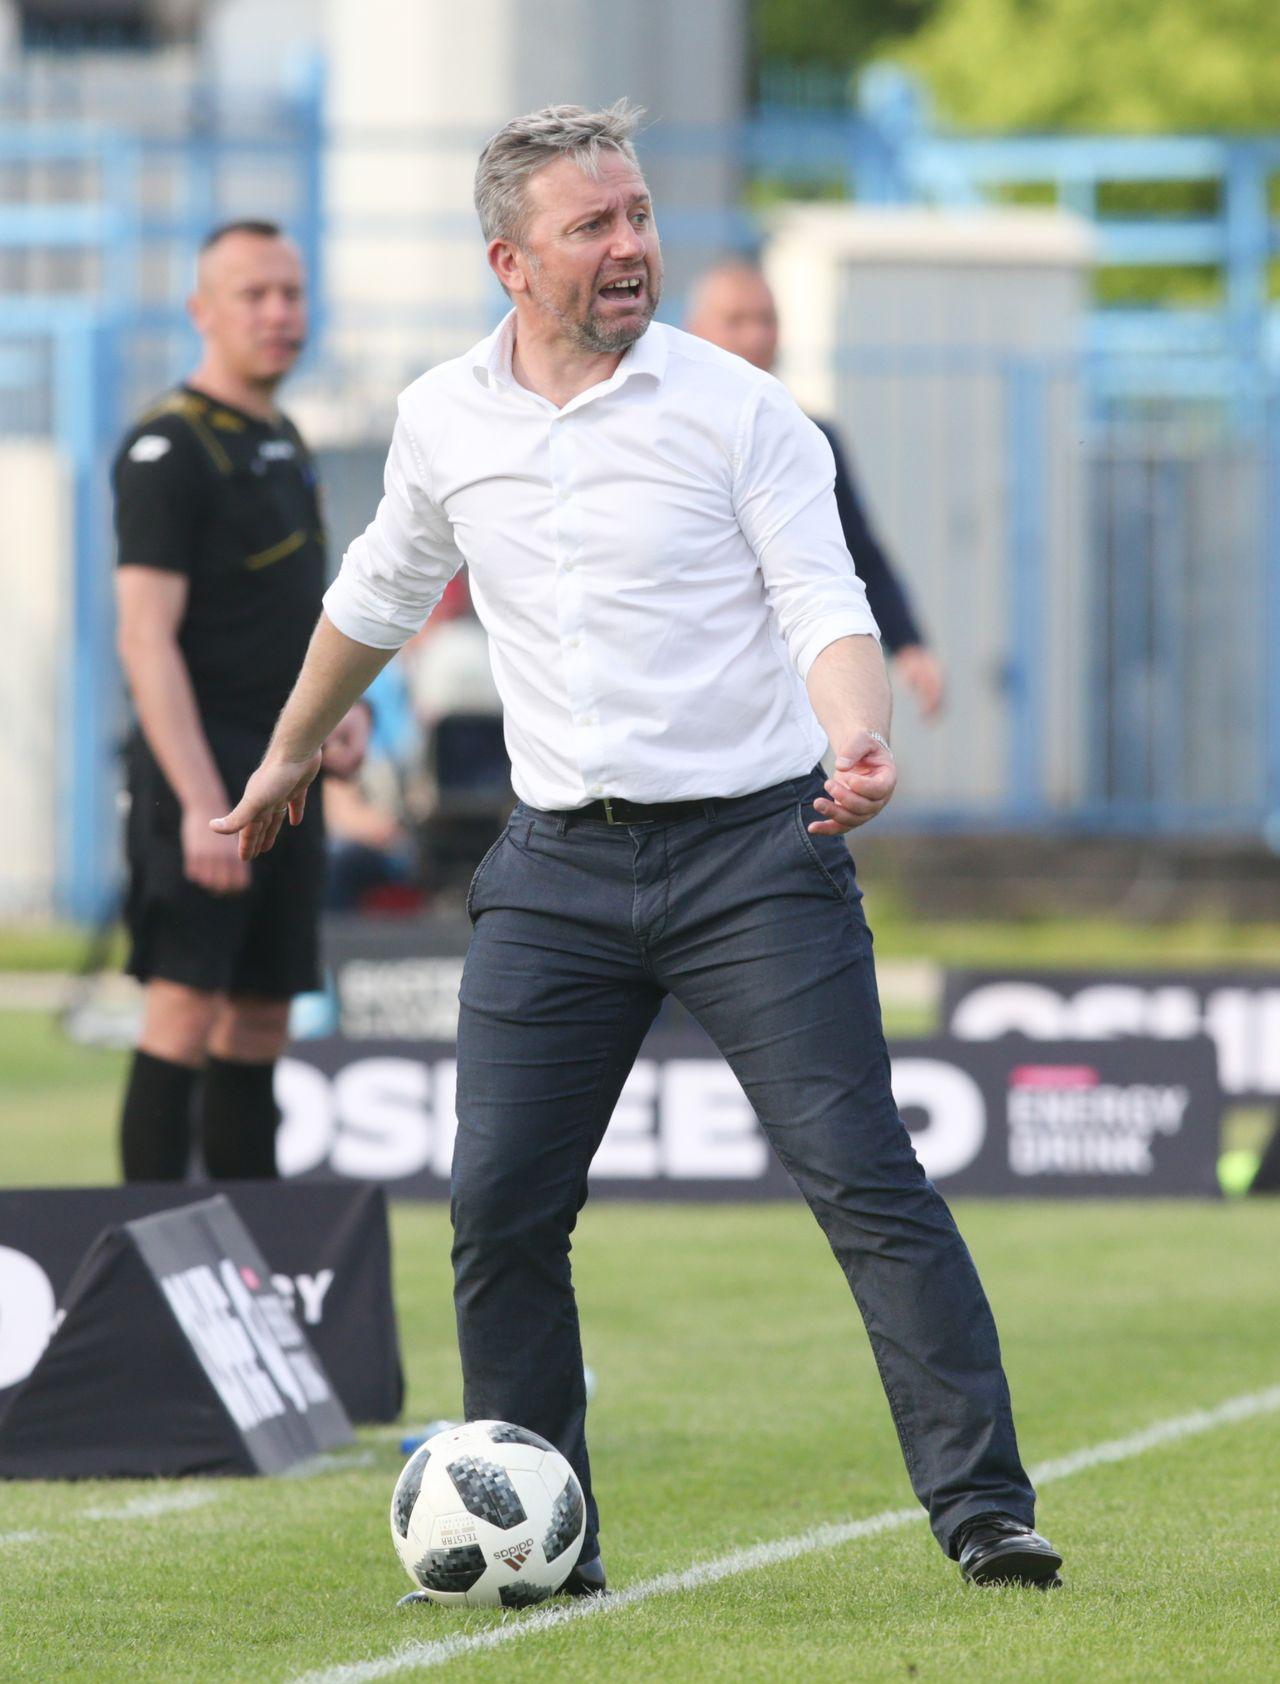 Nowy trener kadry narodowej będzie KRZYCZAŁ na piłkarzy?